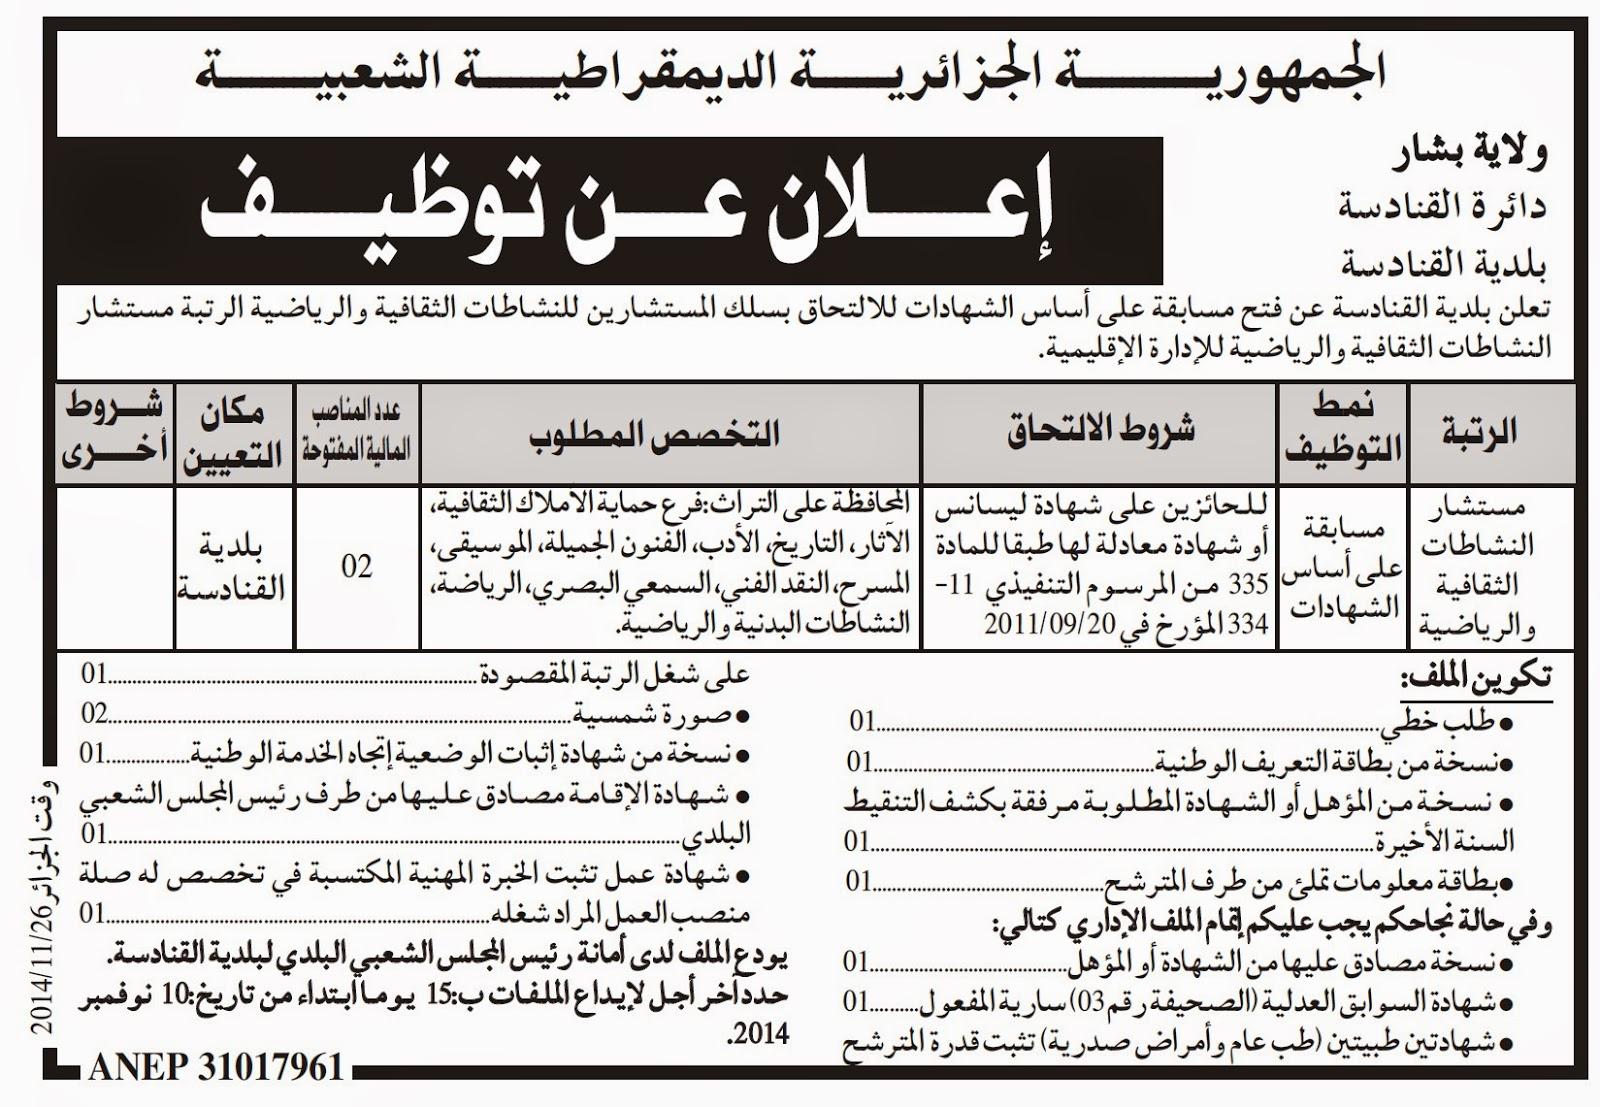 إعلان توظيف ببلدية القنادسة ولاية بشار